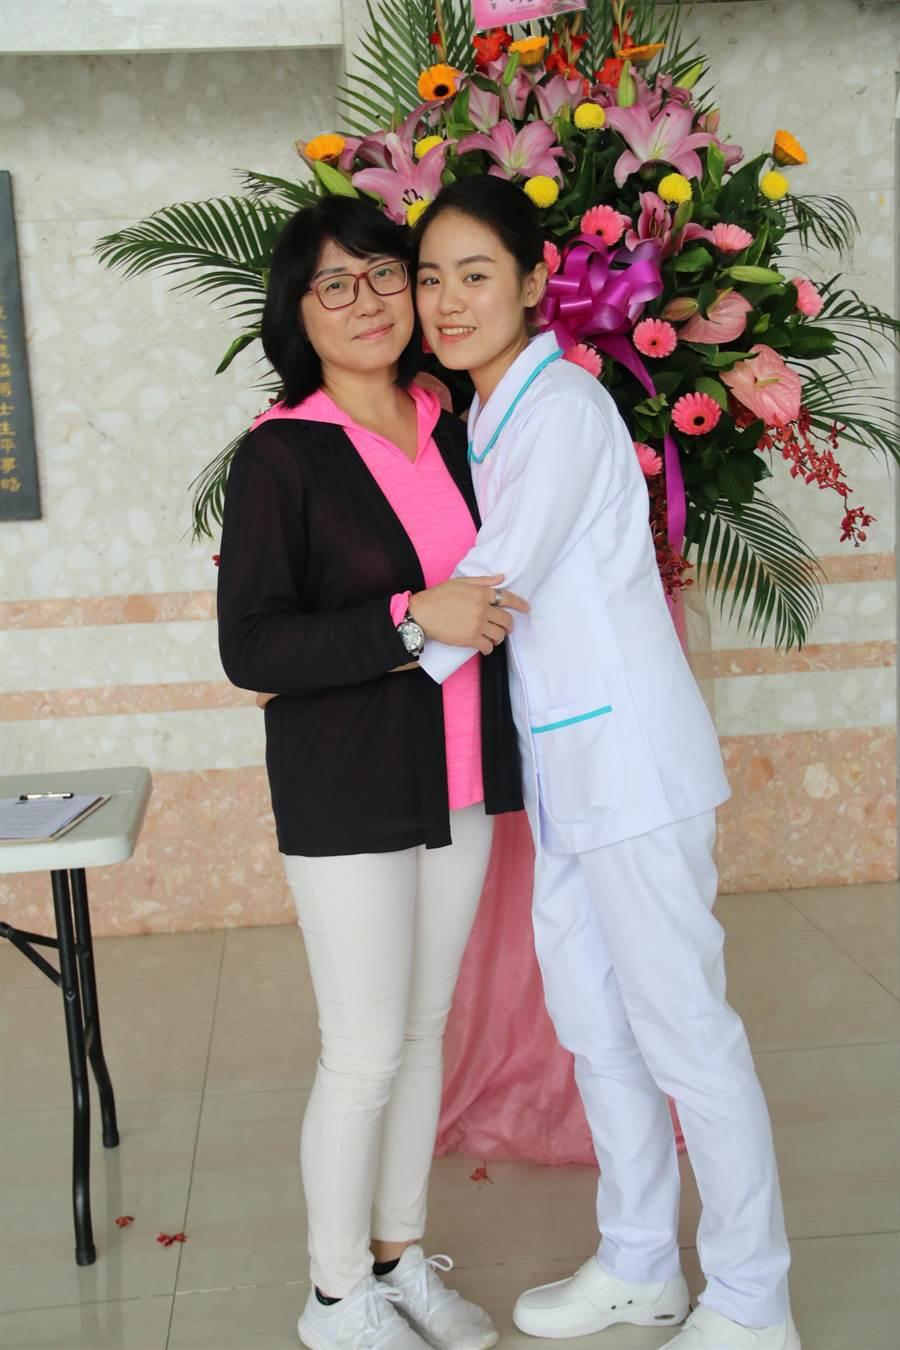 弘光科大護理生張喬旻(右)因車禍而念護理系,加冠典禮與媽媽合影。(王文吉攝)